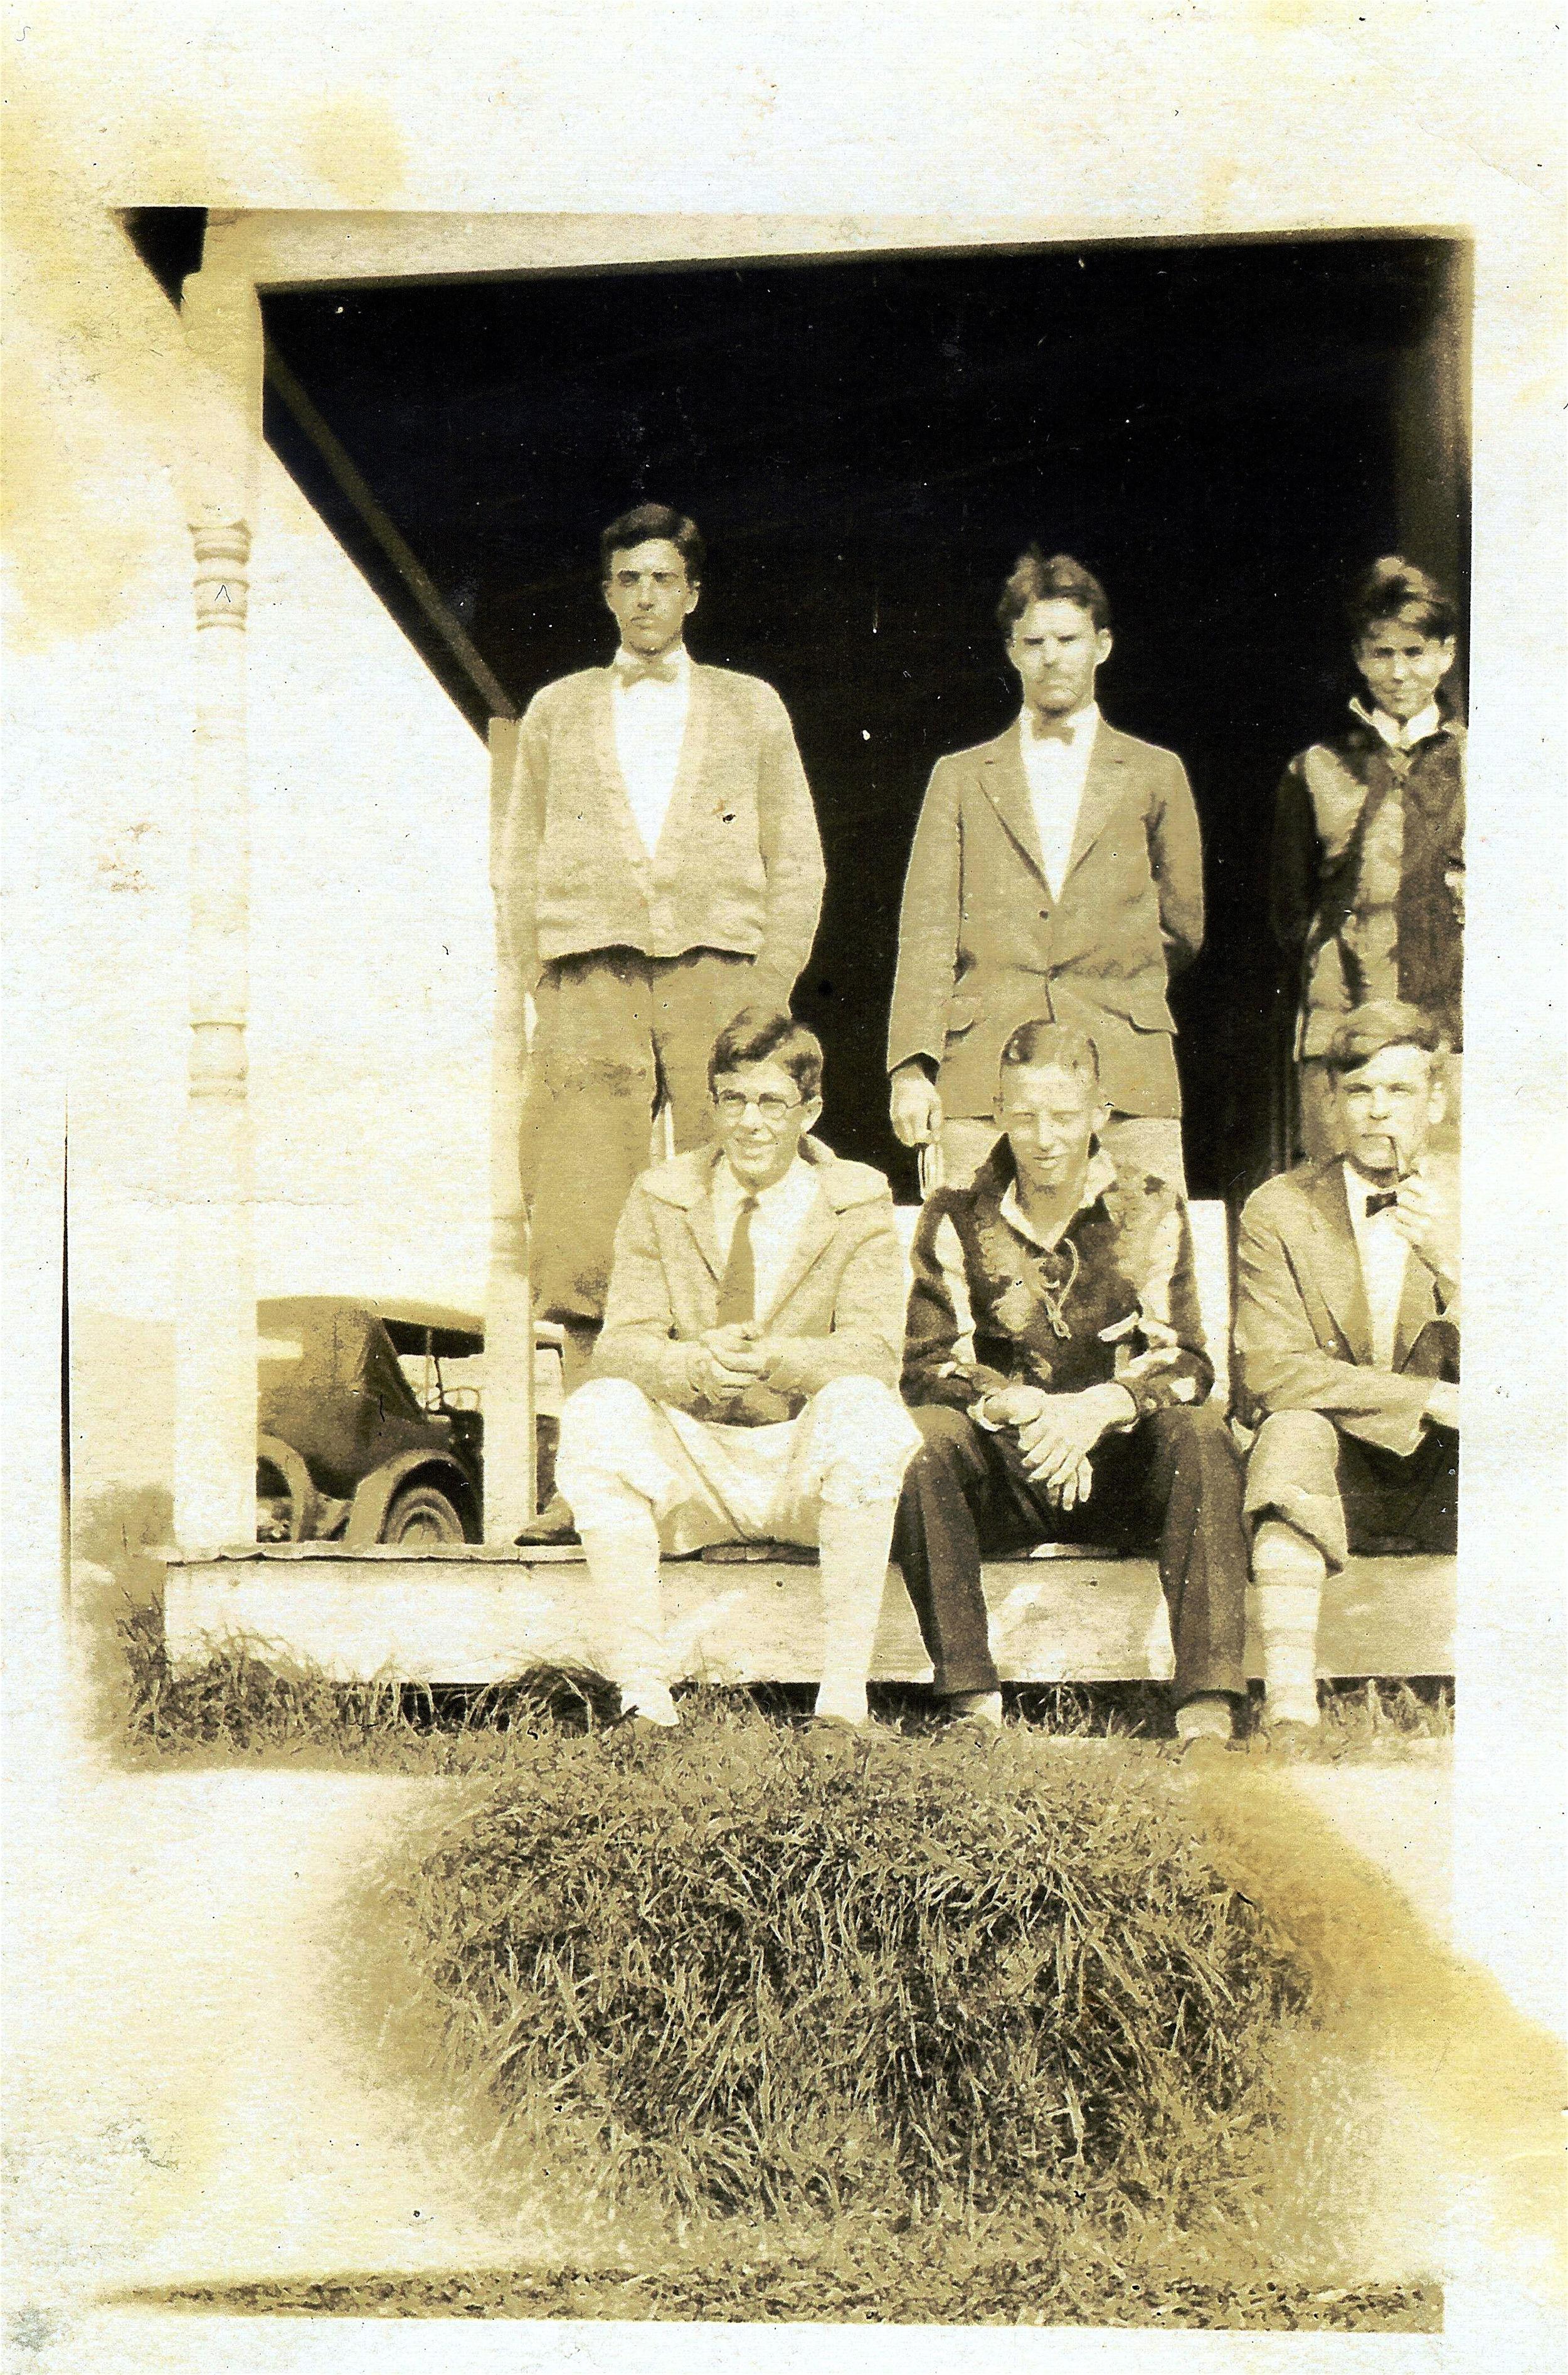 1926 Trail Crew at Locust Cottage